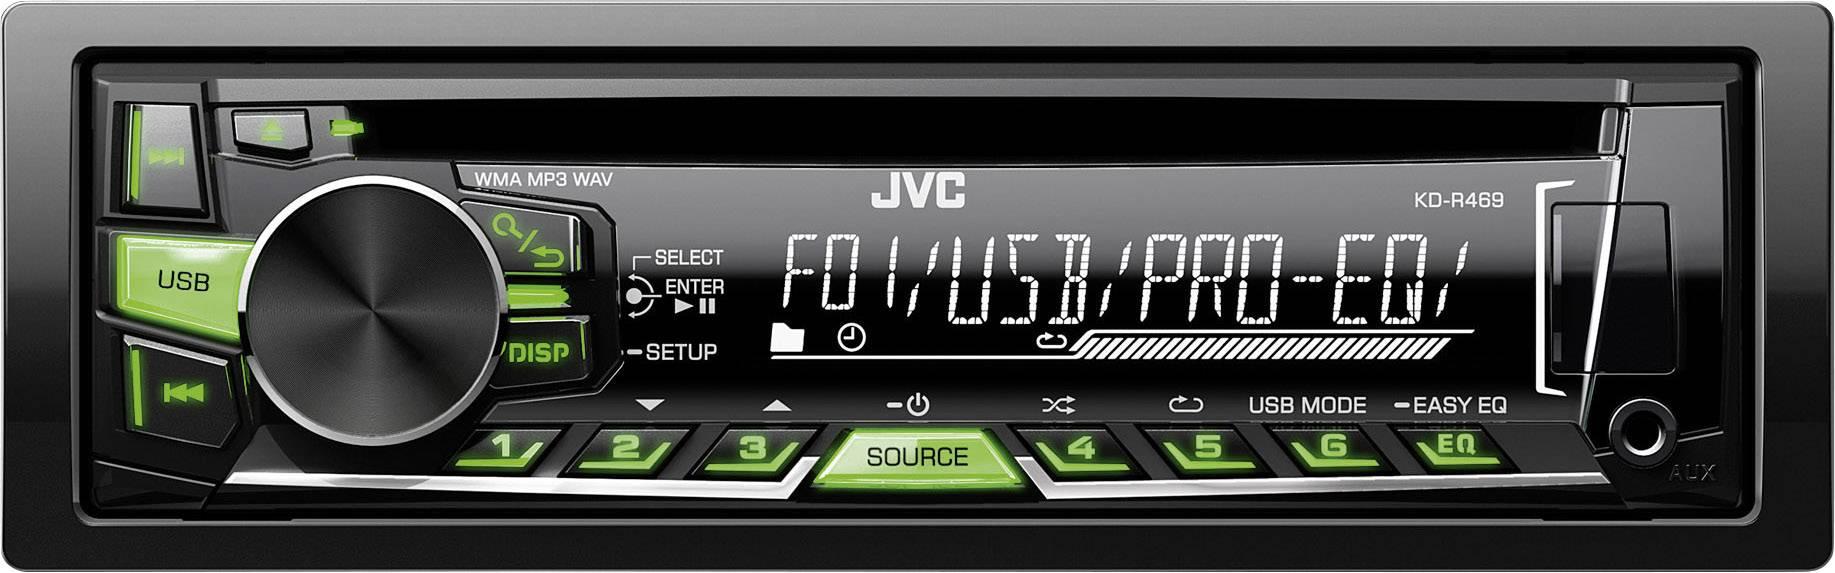 medium resolution of jvc kd r310 wiring diagram nemetas aufgegabelt info automotive wiring harness jvc kd r310 wiring harness